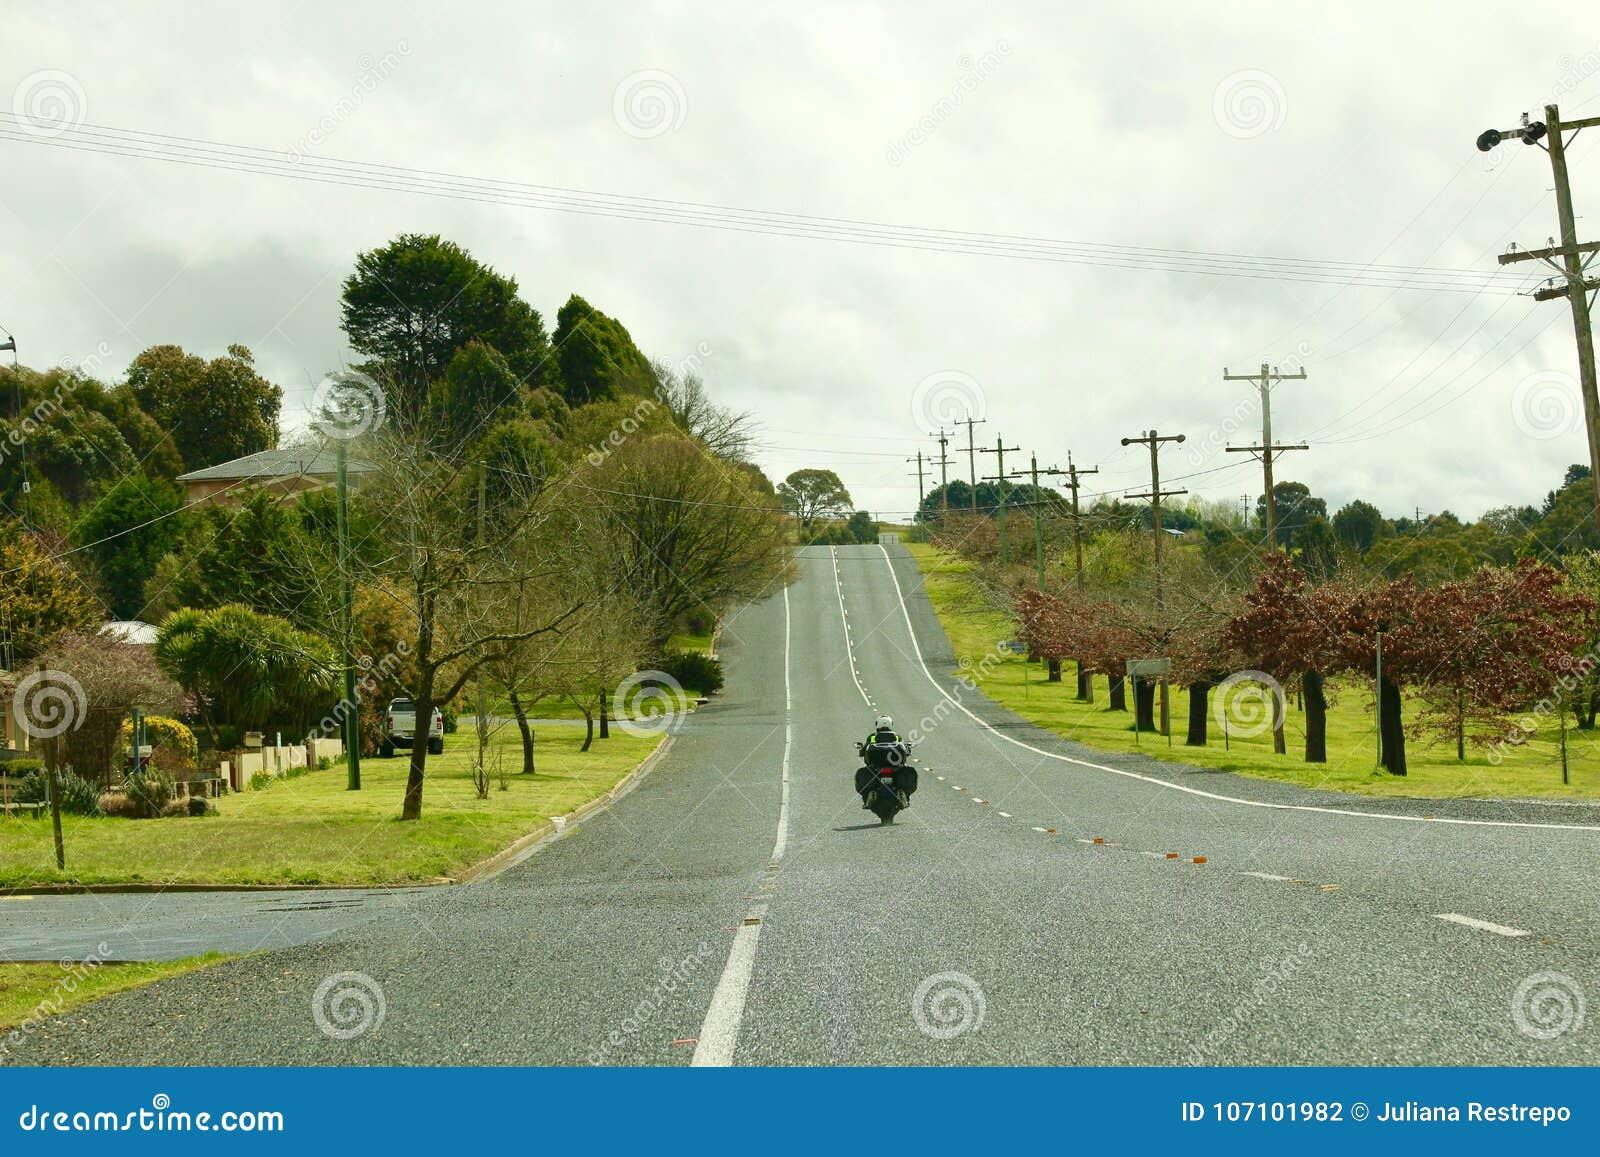 Sobre uns 120 km/h apresse a foto na estrada